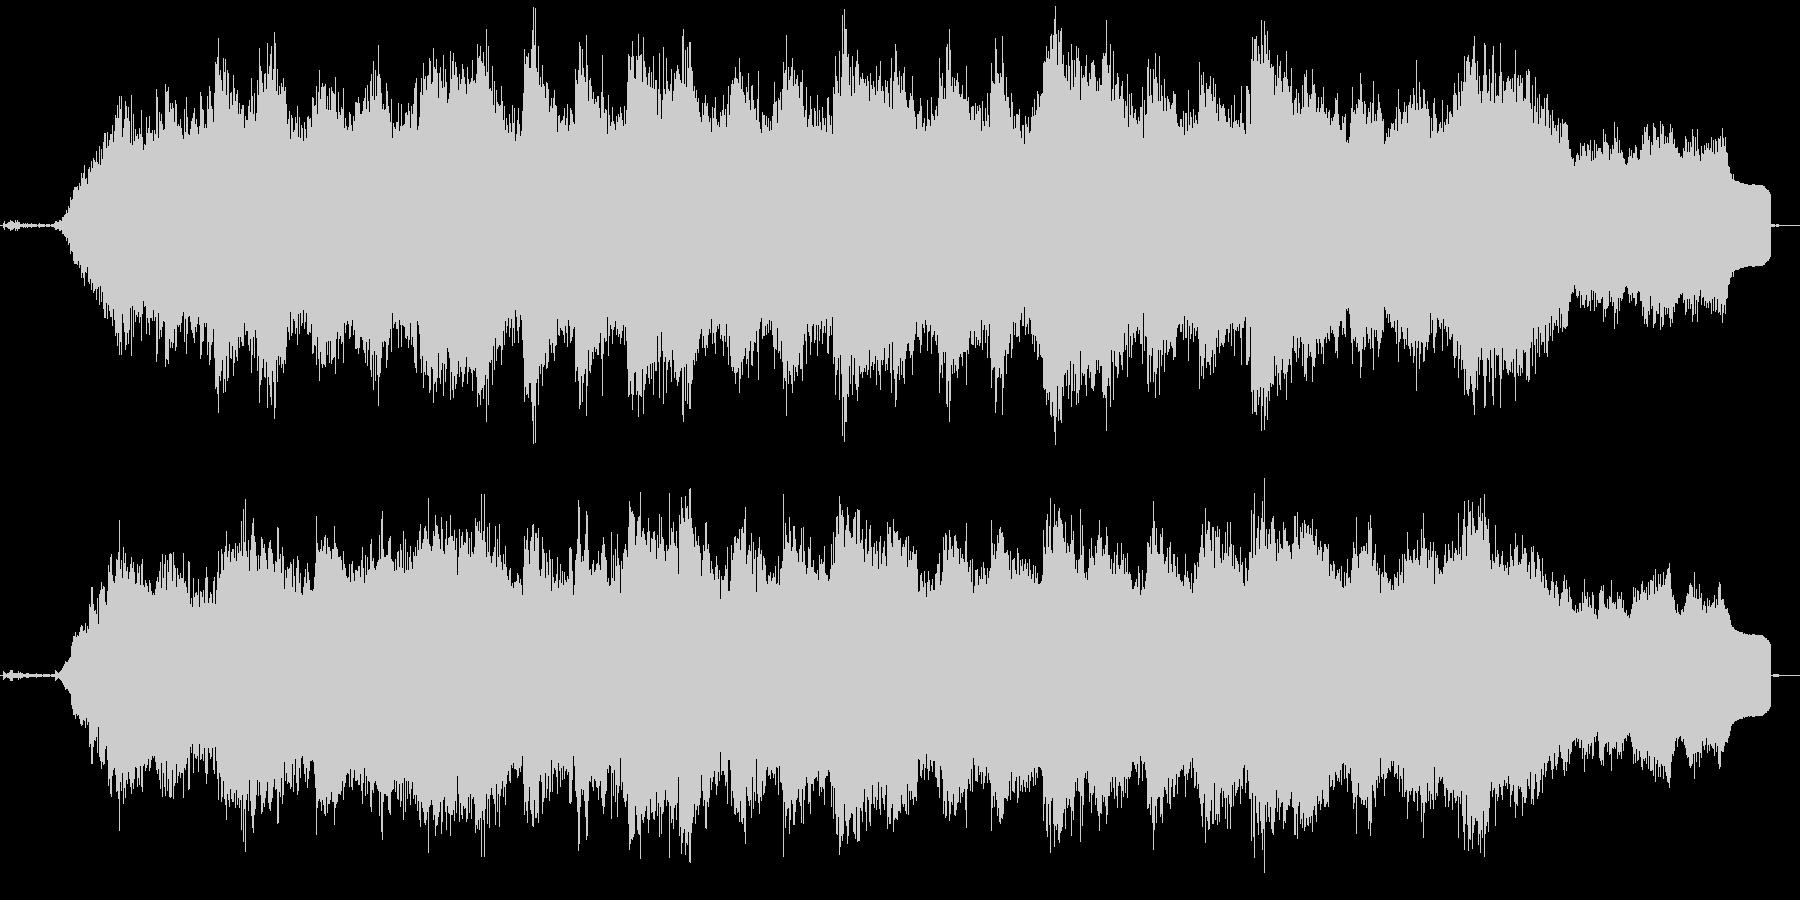 穏やかなメロディが幻想的なバラードの未再生の波形